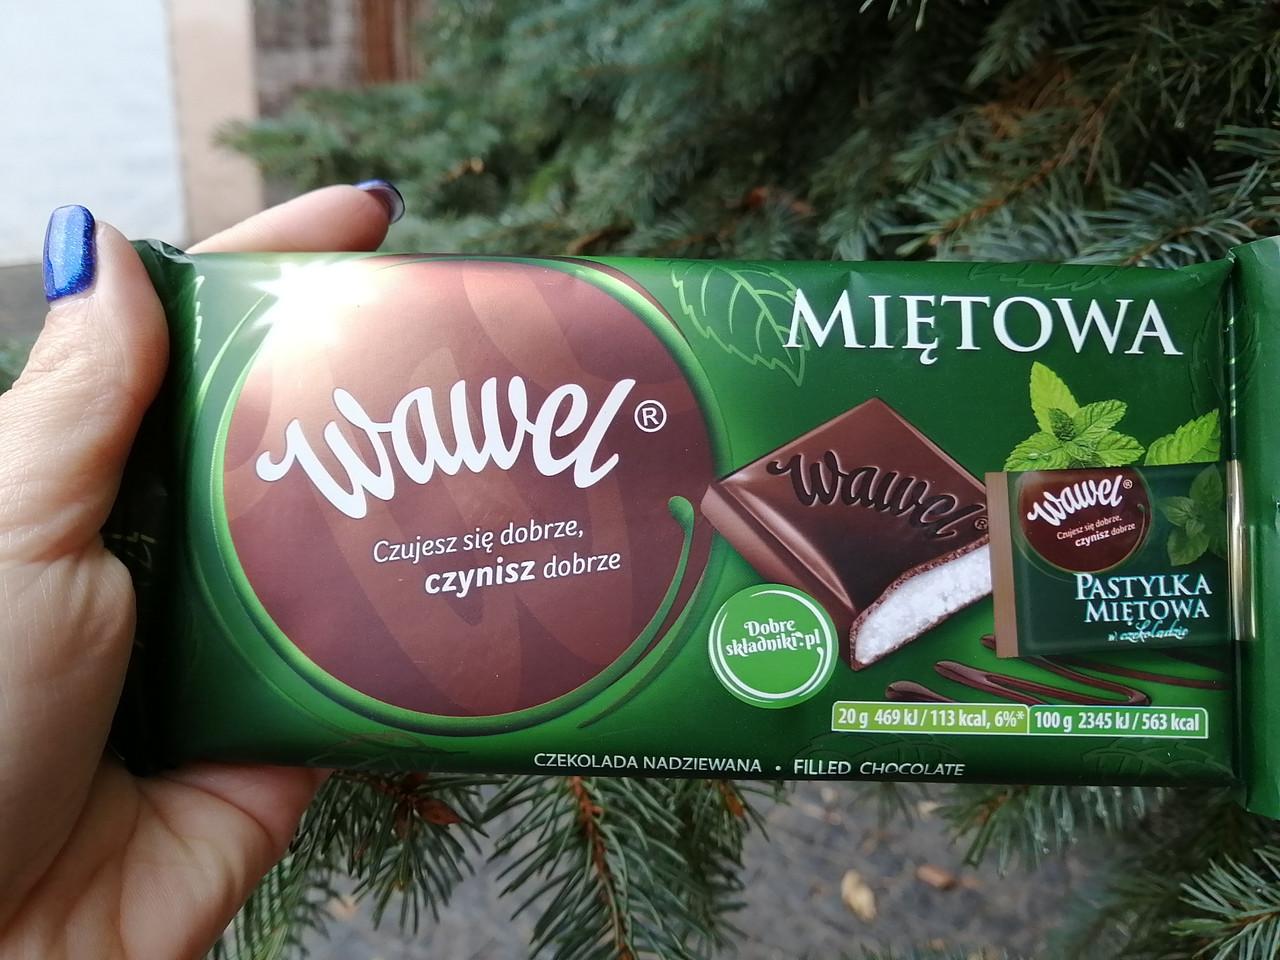 Wawel шоколад с мятой